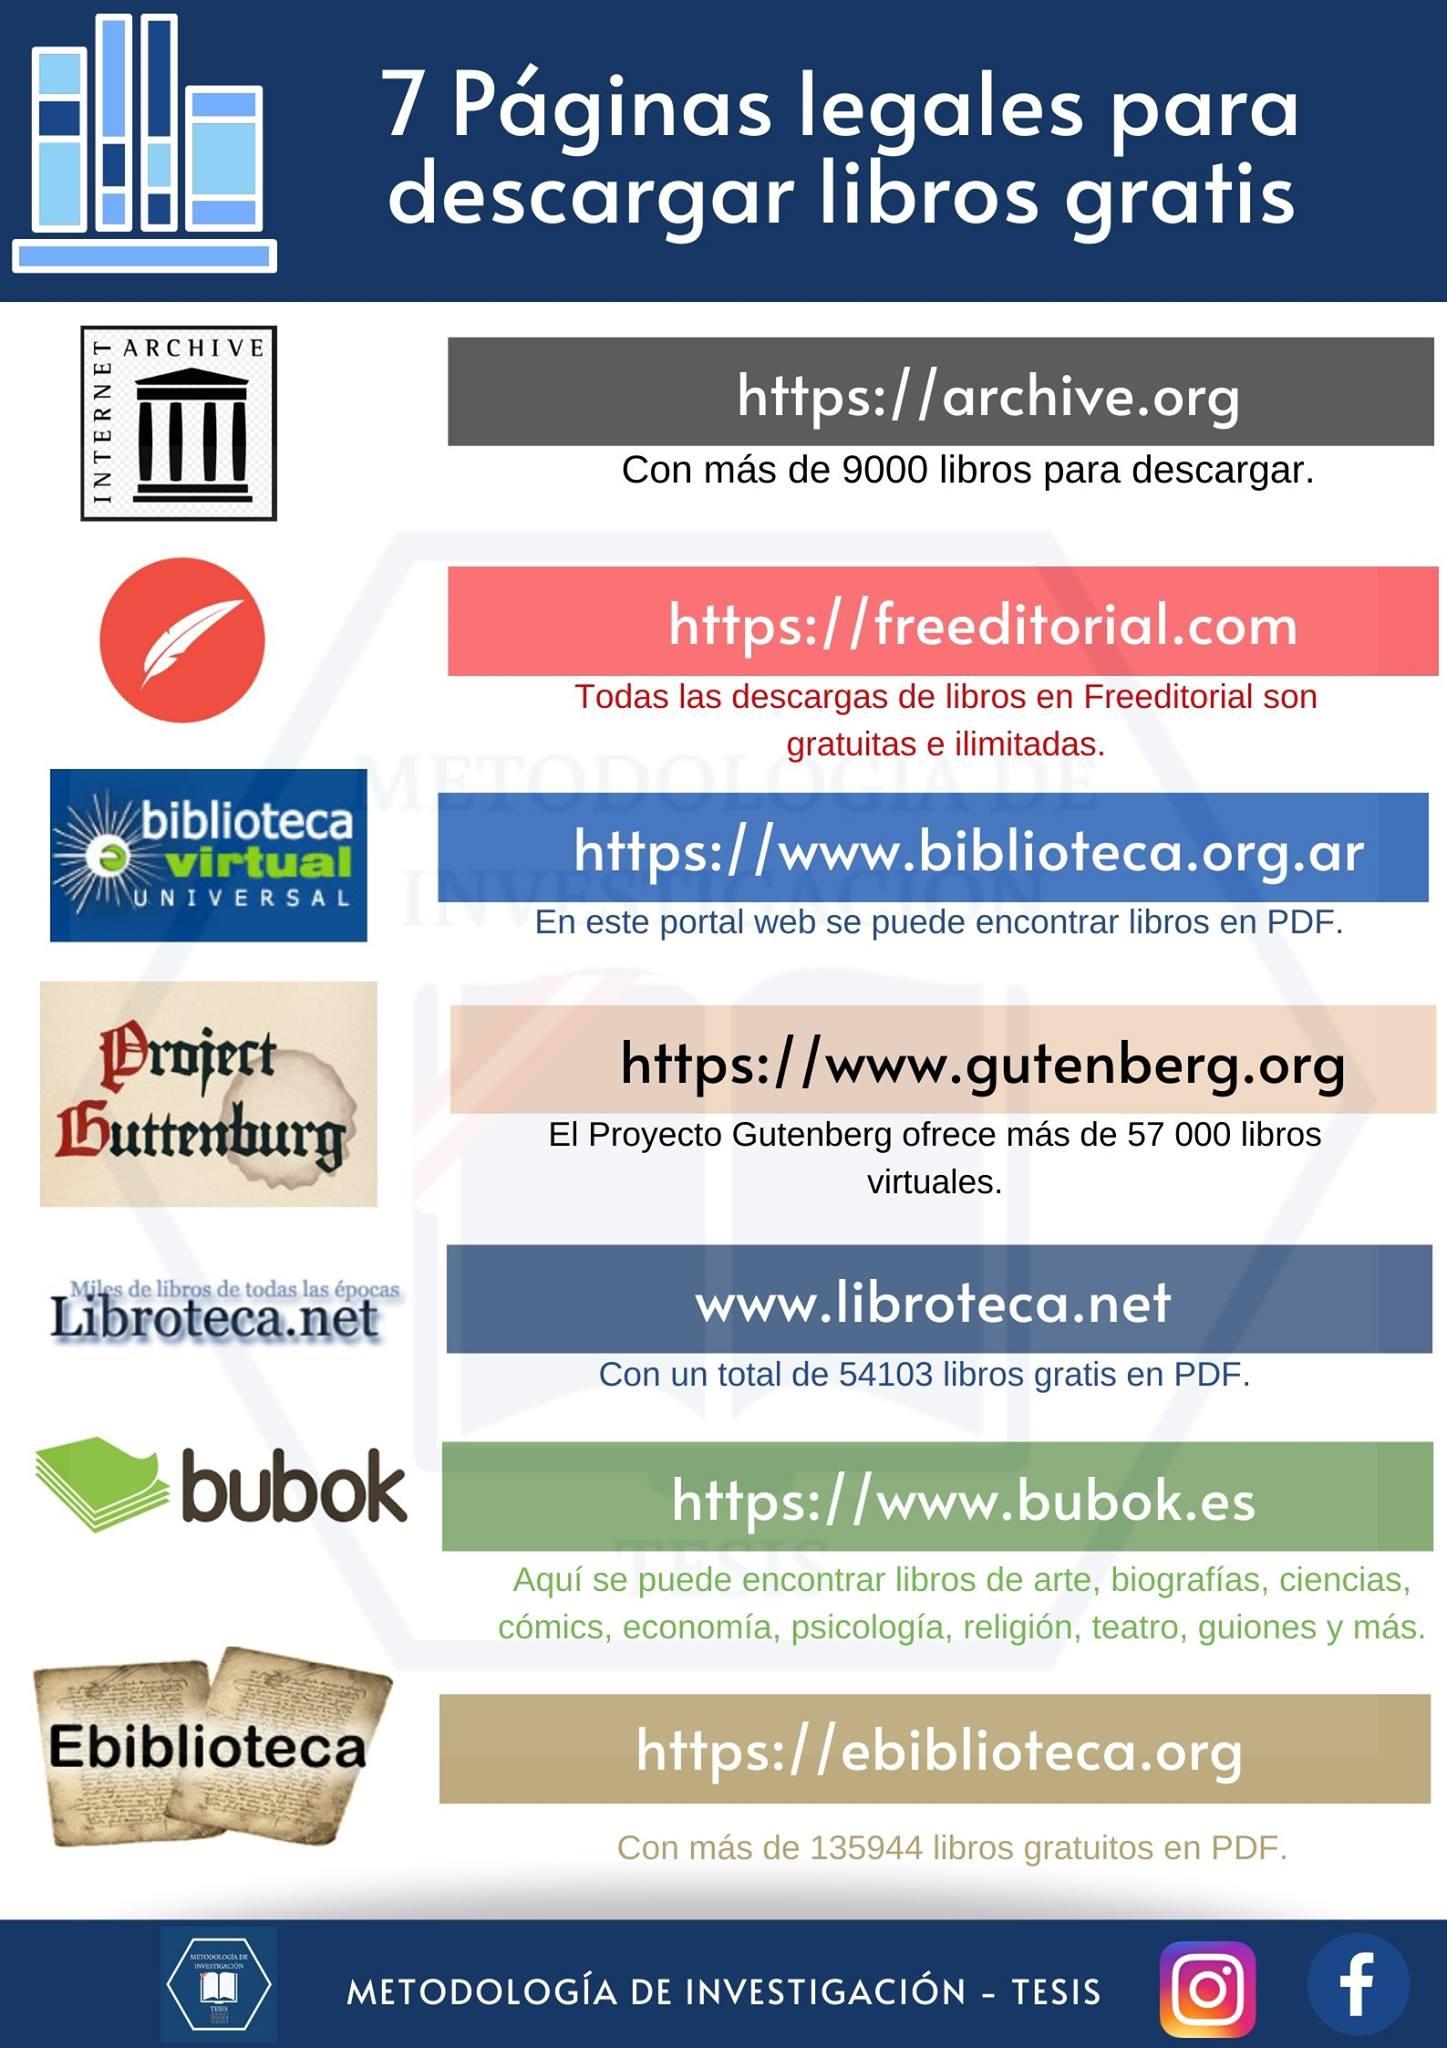 27 Bibliotecas De Descarga Gratuita Y Legales De Libros Que Facilitan El  Acceso, Fortalece Las Capacidades Y Promueven La Participación @tataya.com.mx